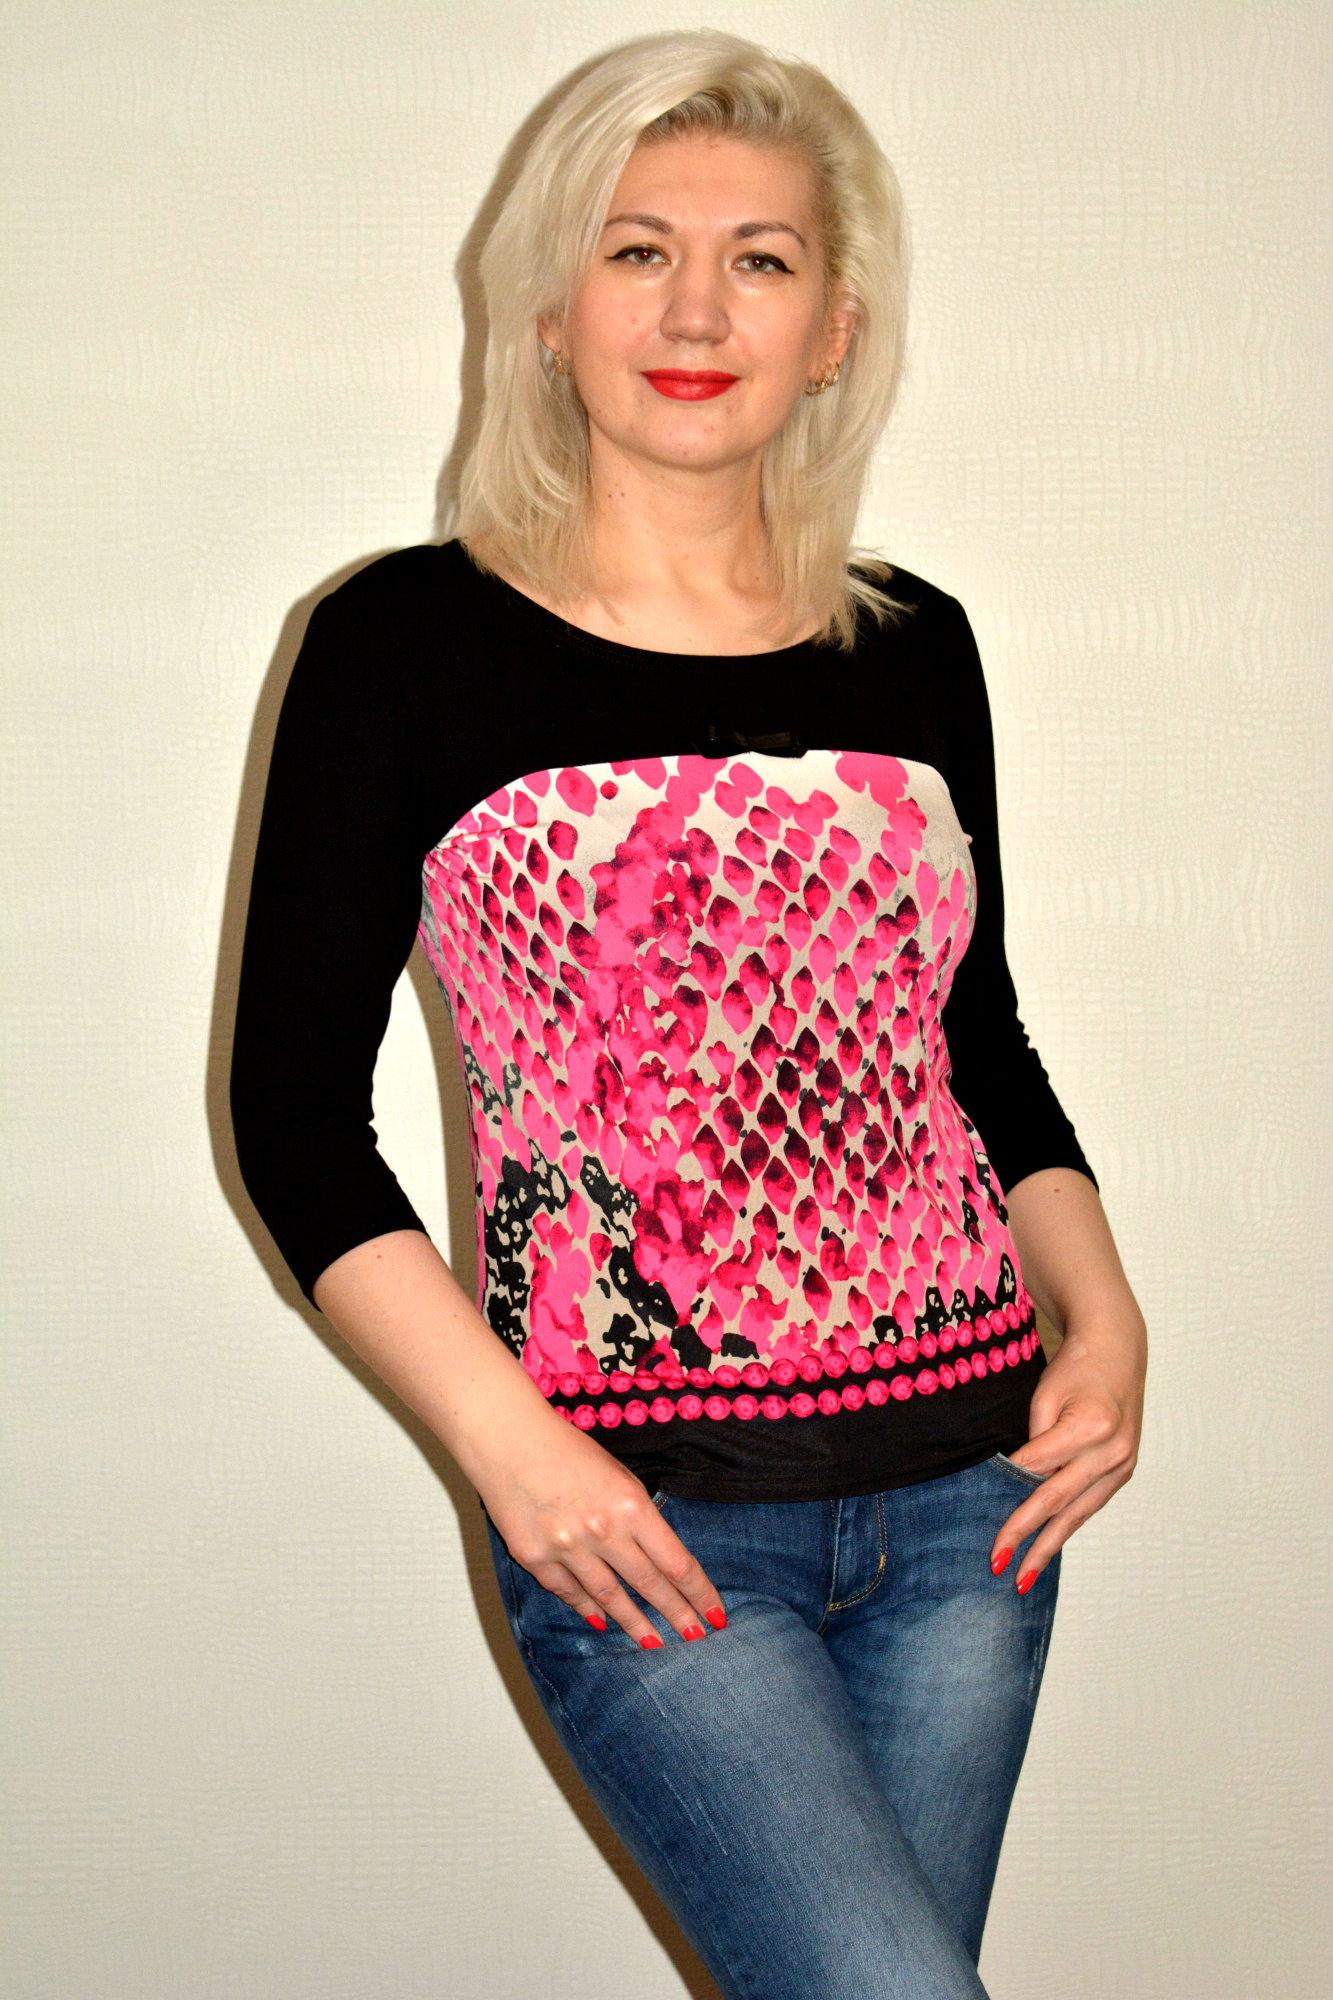 Сбор заказов. SUNNY- красивых блузок много не бывает!-3 Подойдет всем, кто любит стиль и комфорт в одежде